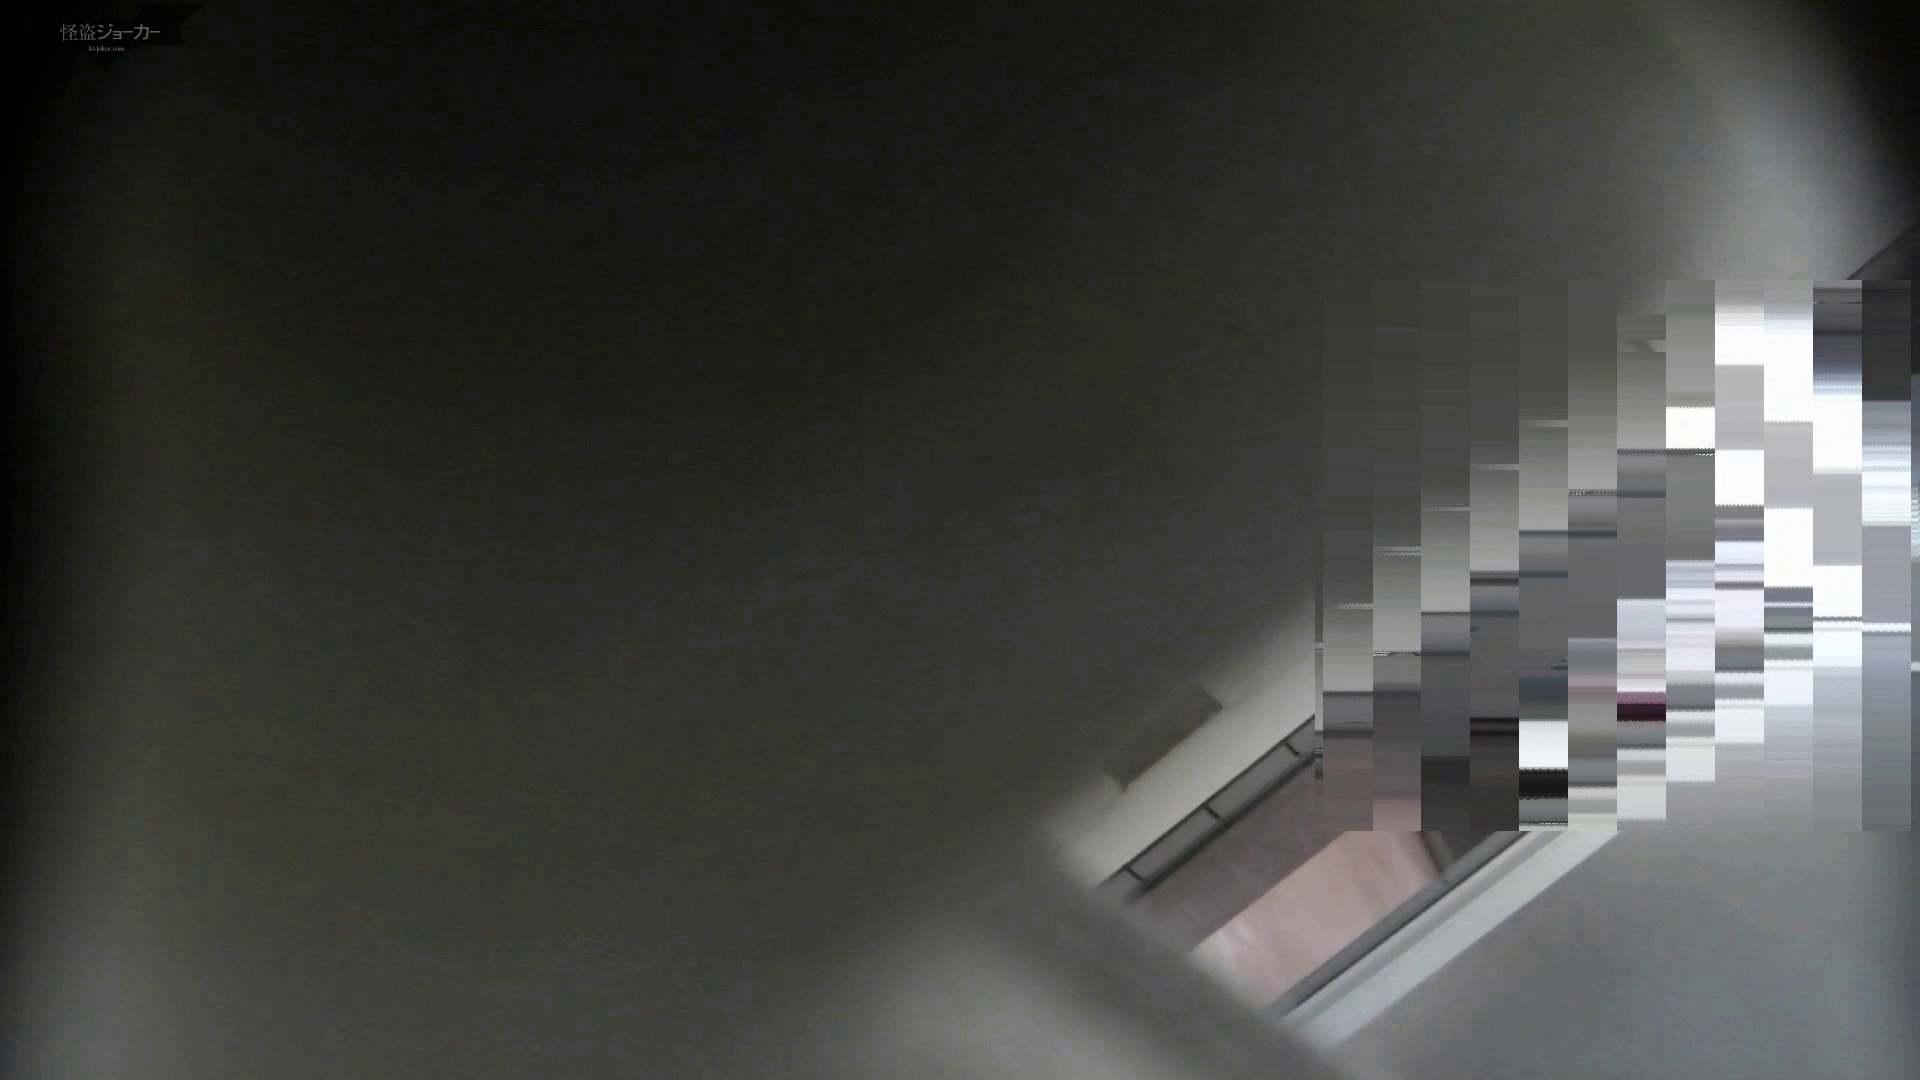 巨乳 乳首:洗面所特攻隊 vol.55 おねぇたん。ちょっと緩めの大量発射!:怪盗ジョーカー